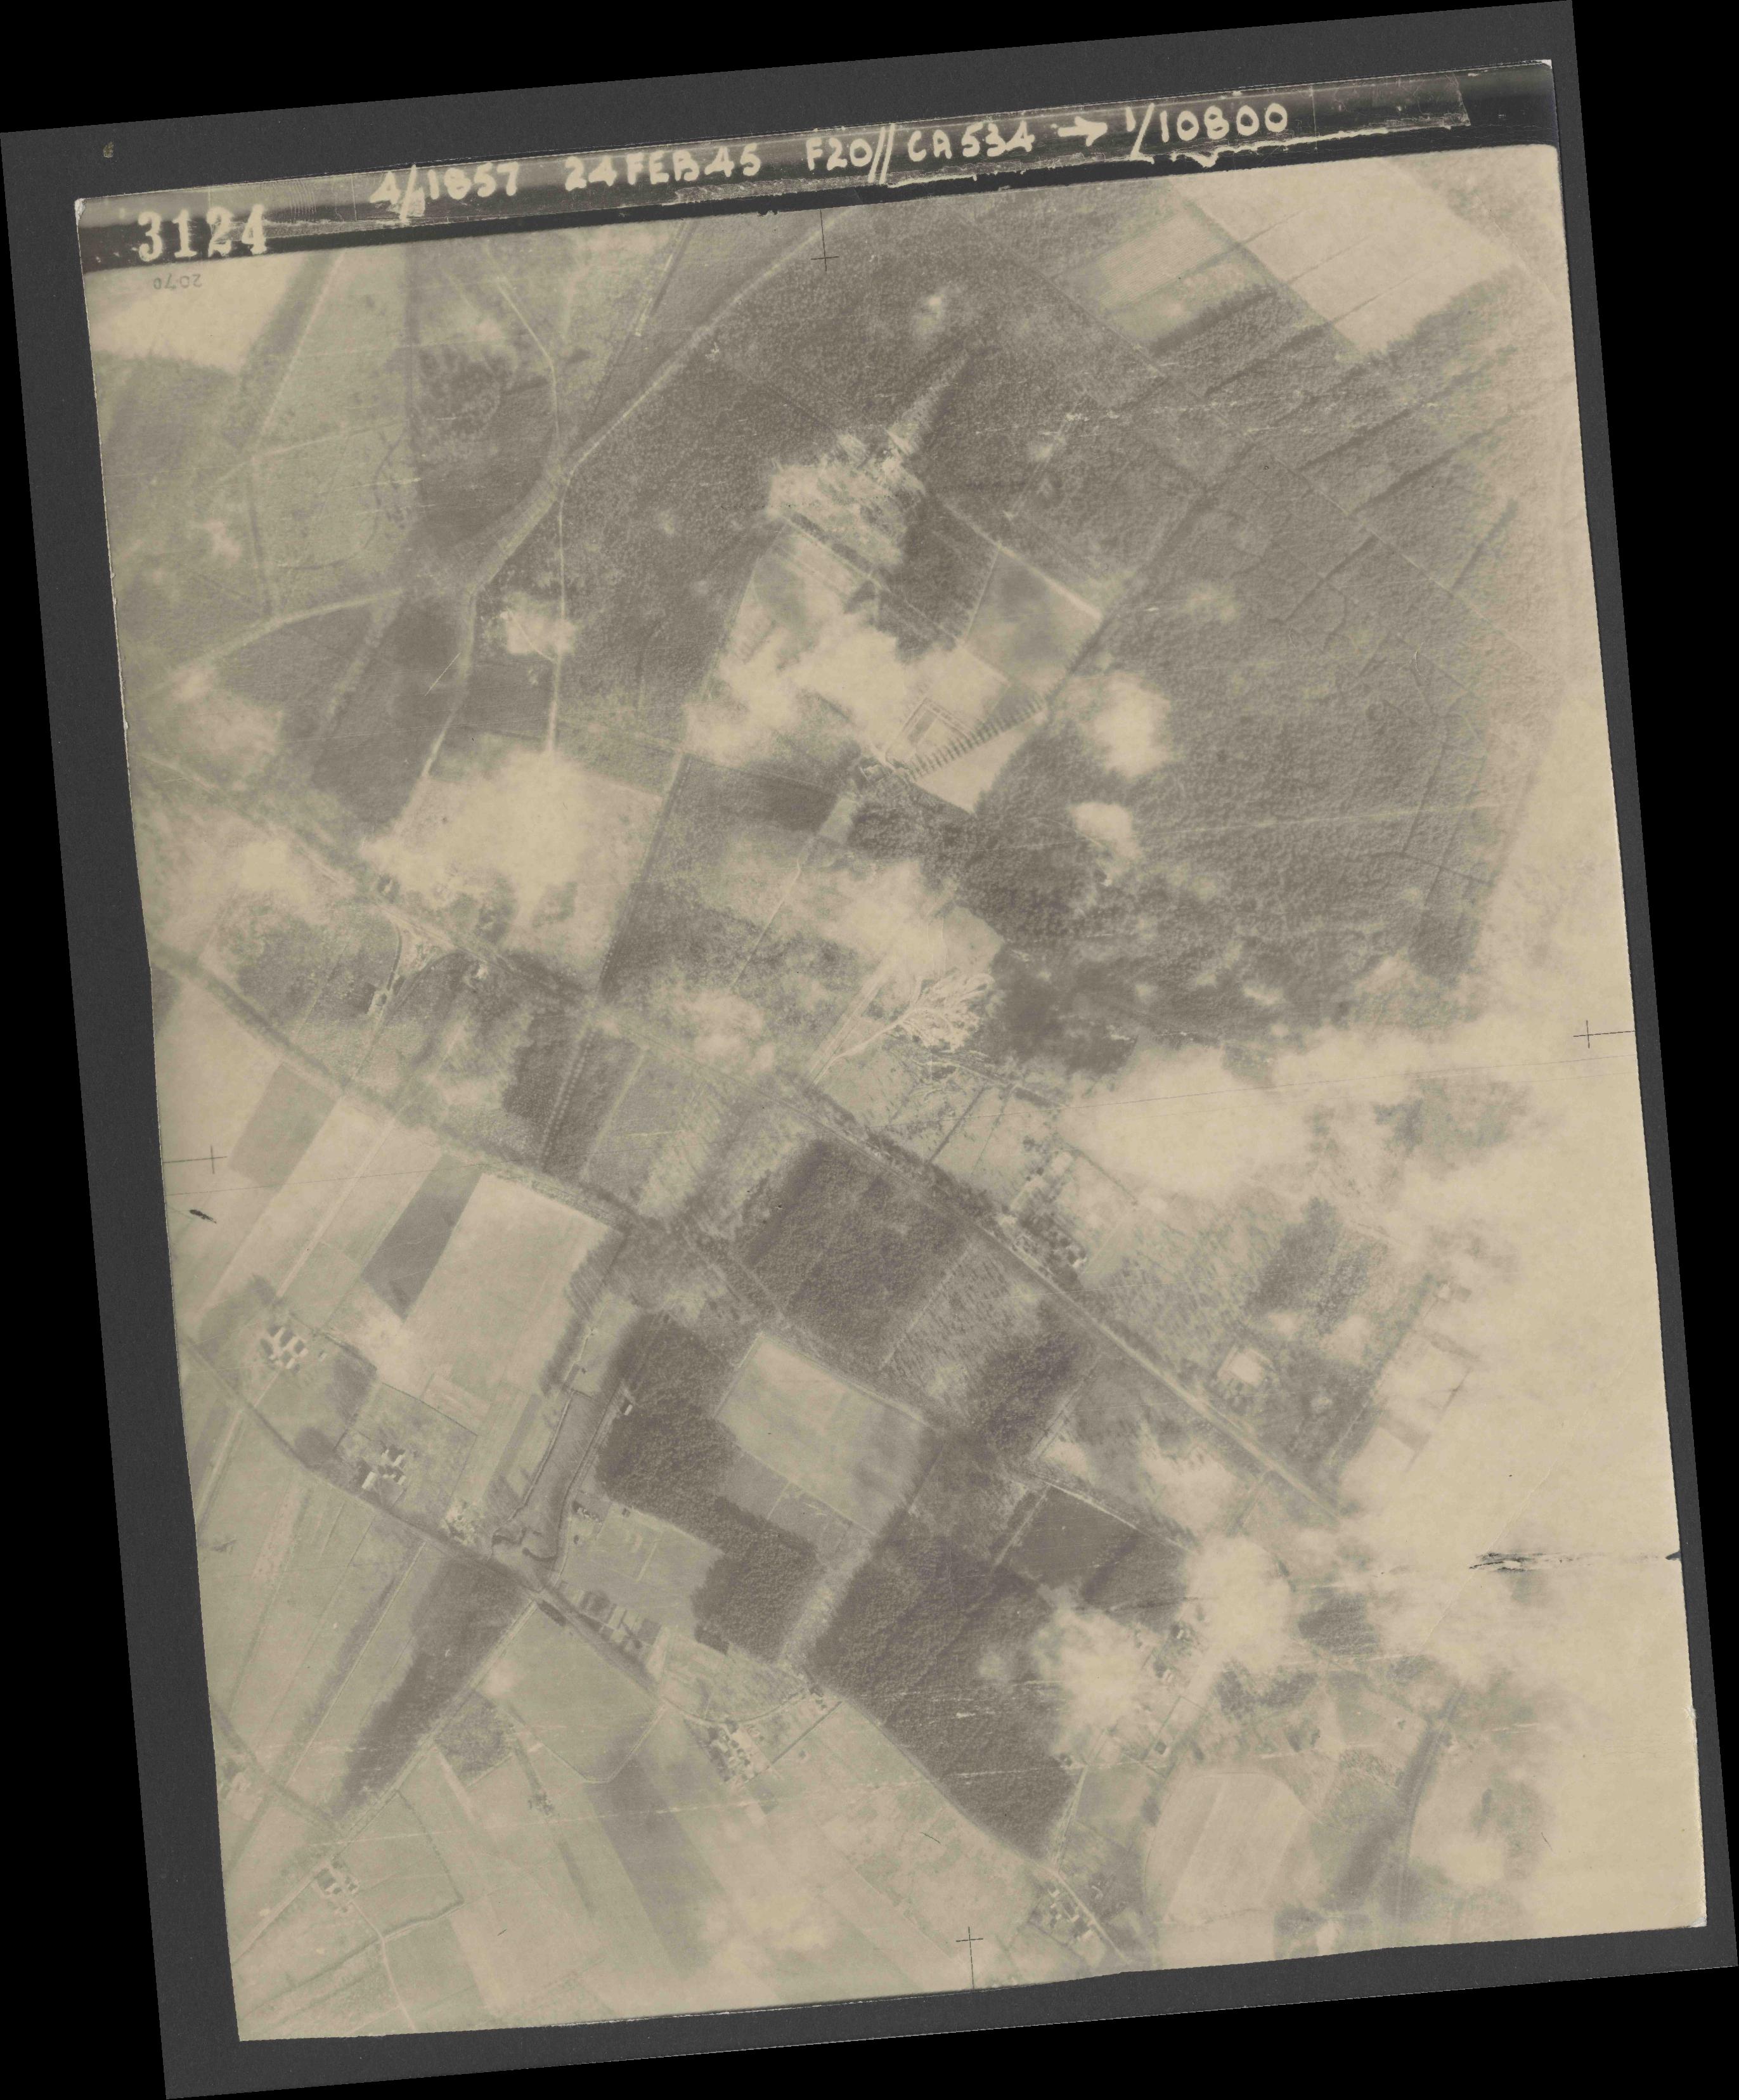 Collection RAF aerial photos 1940-1945 - flight 073, run 02, photo 3124